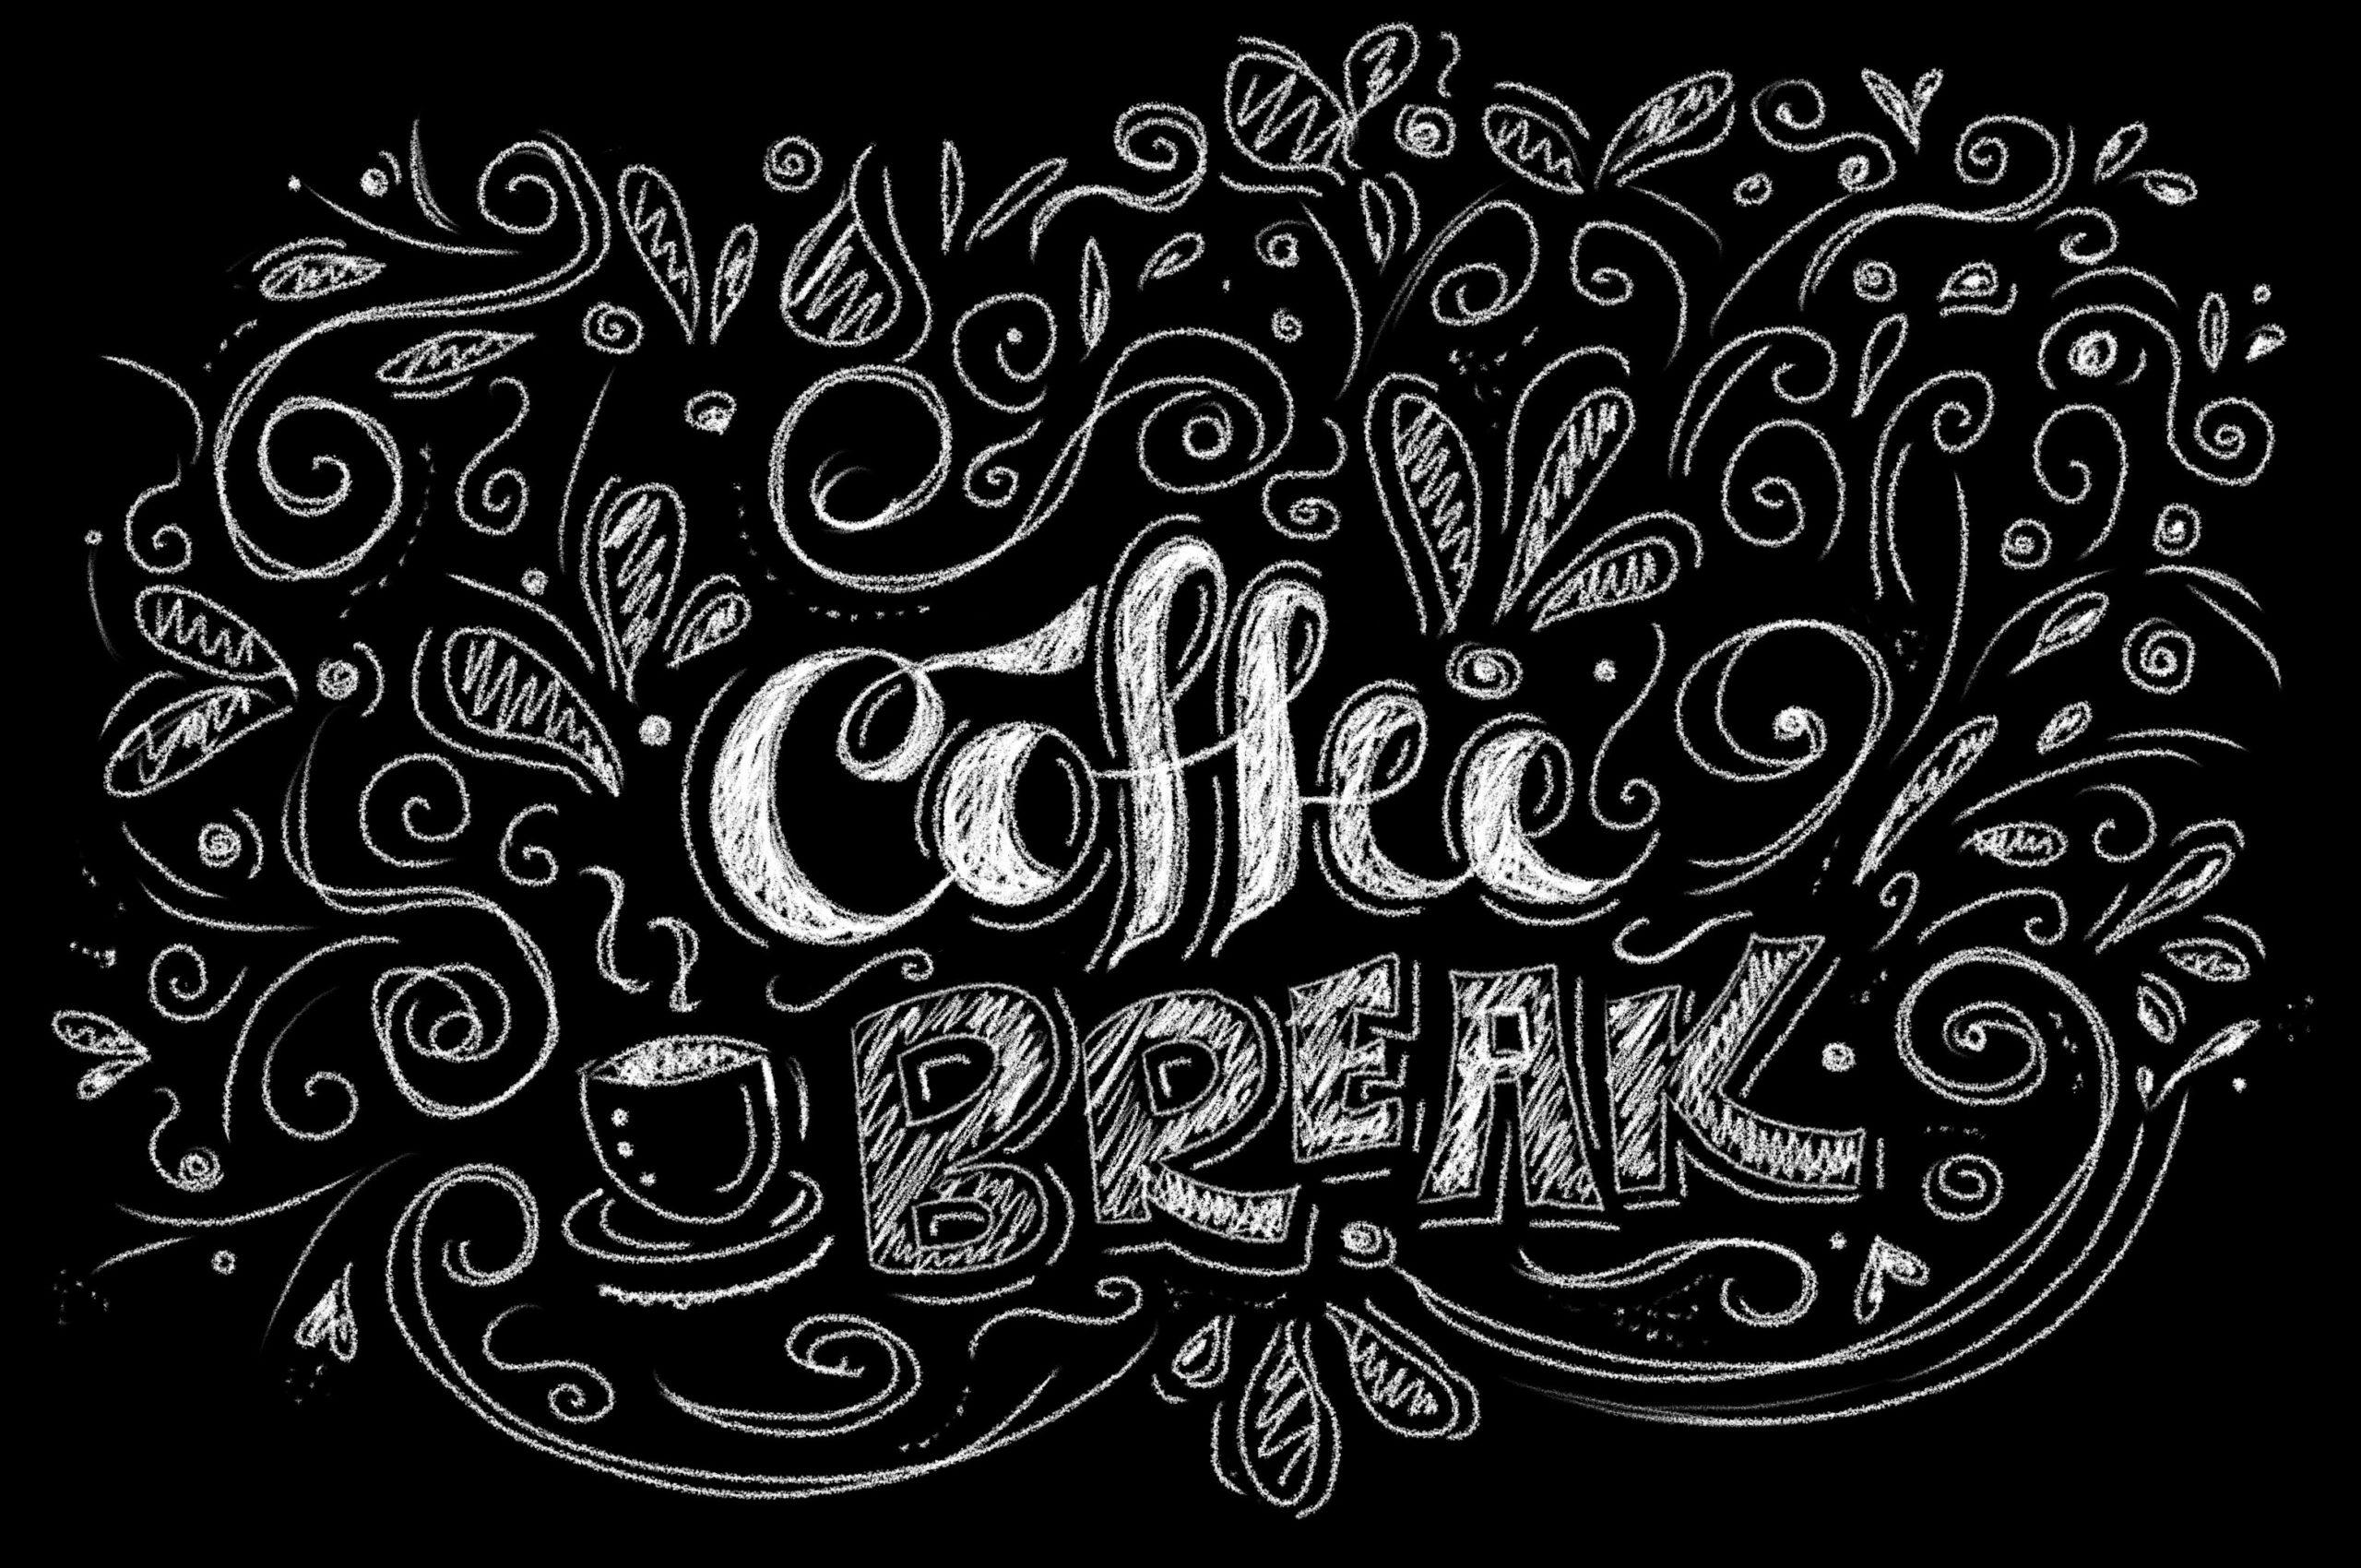 Coffee Break auf einer Tafel als Chalk Lettering umrandet mit verschiedenen Dekoelementen mit dem Chalk Marker direkt auf die tafel gelettert.